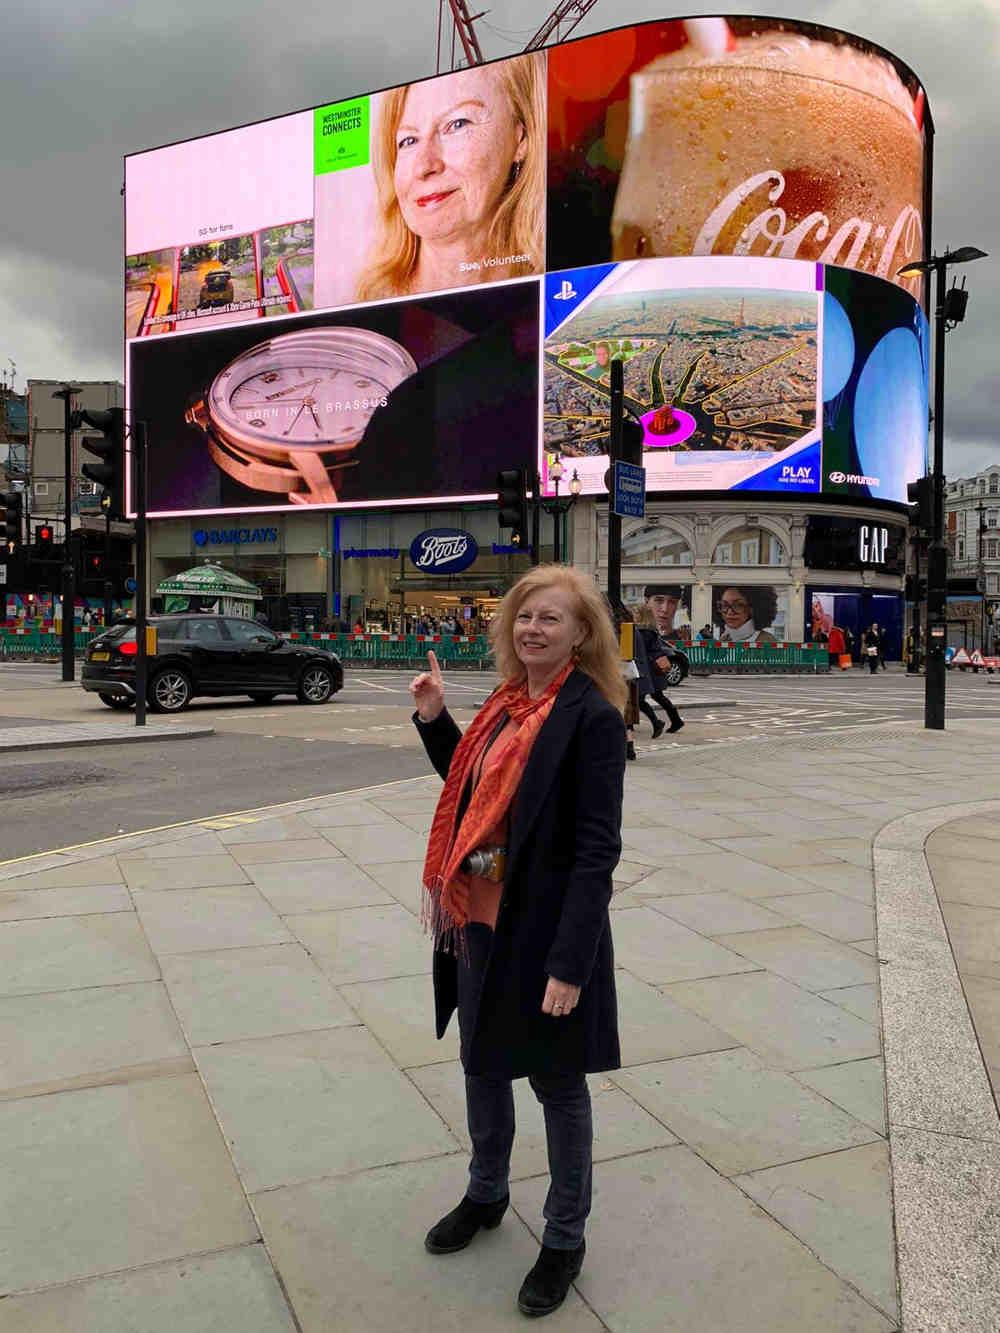 London best walking guide